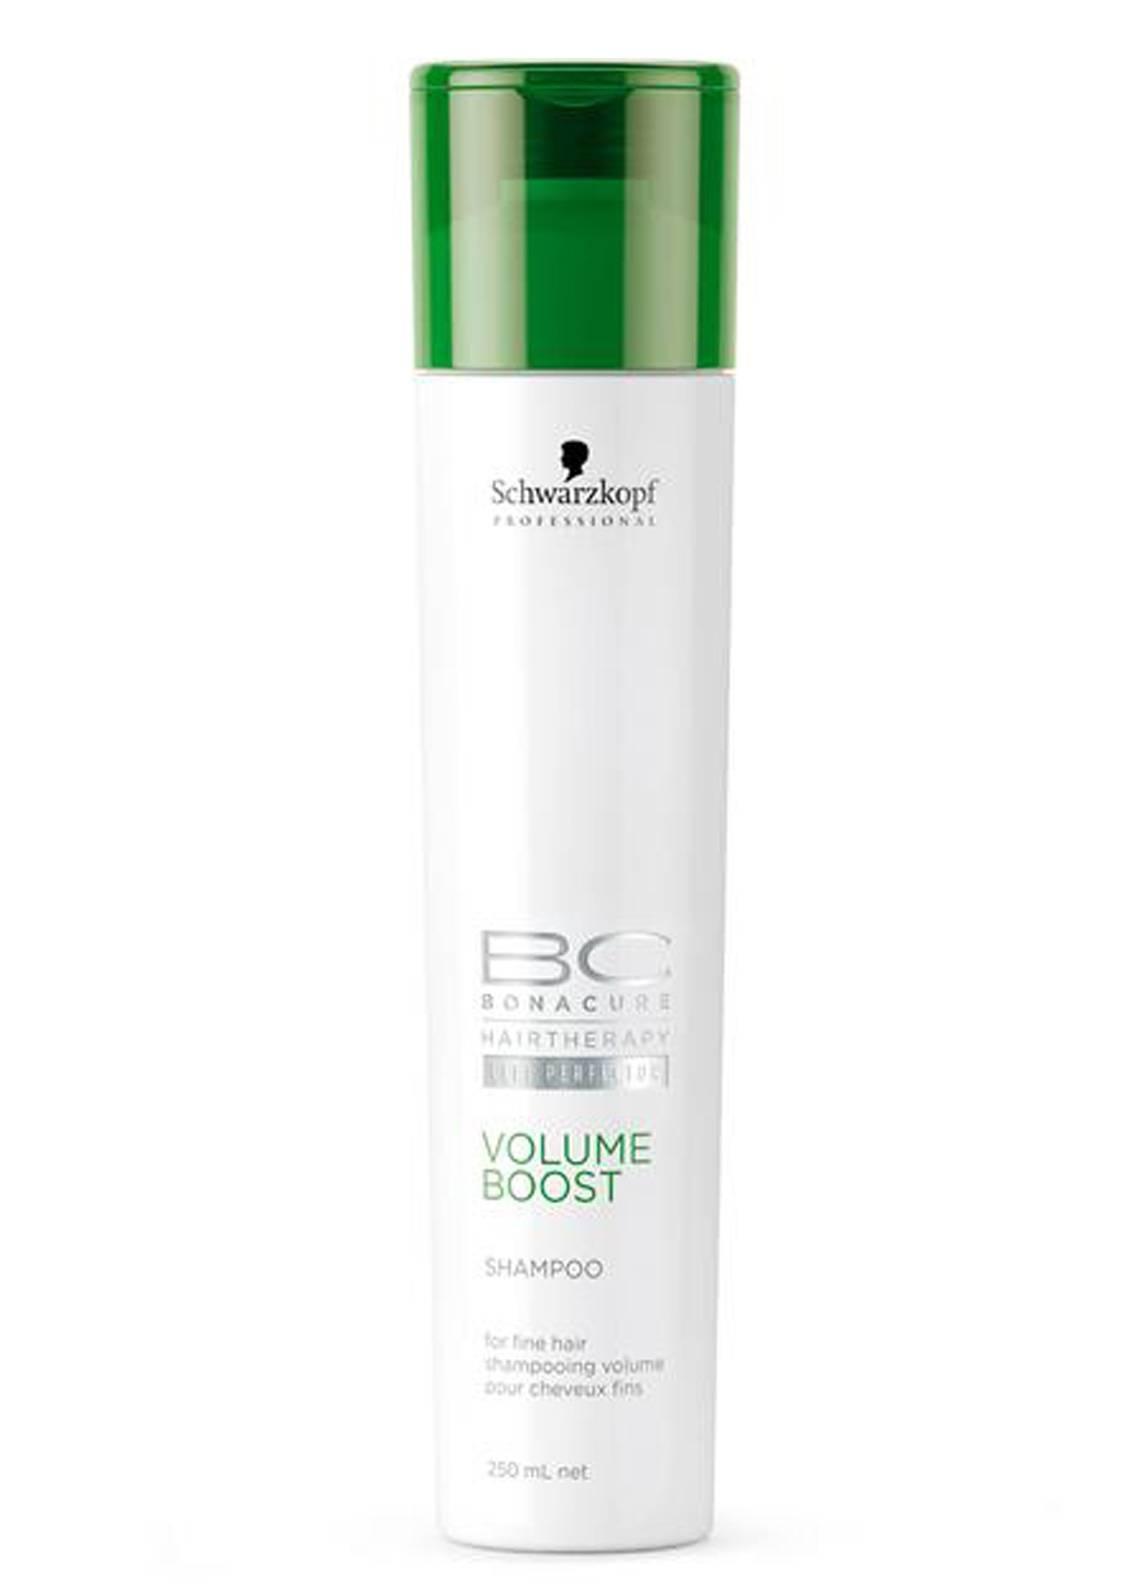 Schwarzkopf BC Volume Boost Shampoo - 250ml